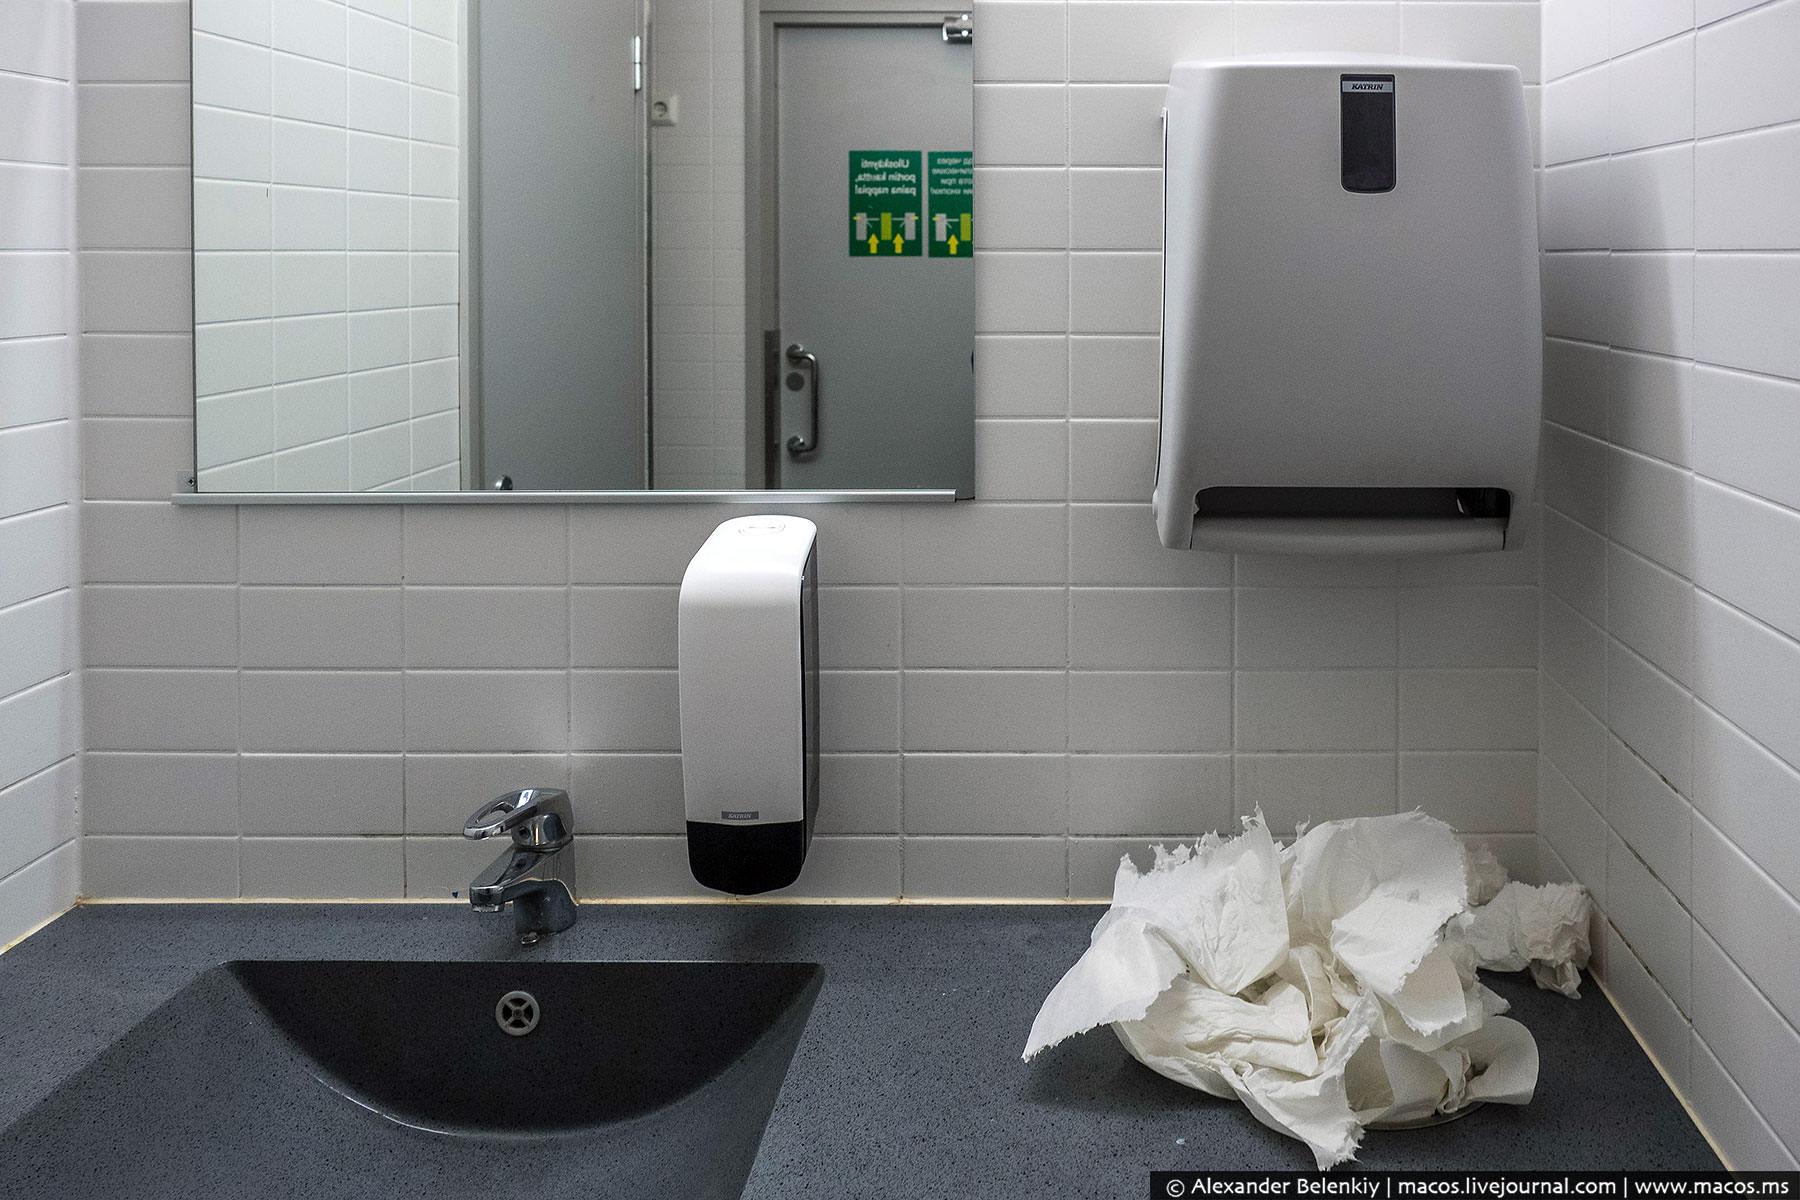 Несмотря на высокую цену за вход, туалет оказался не особо и чистым.